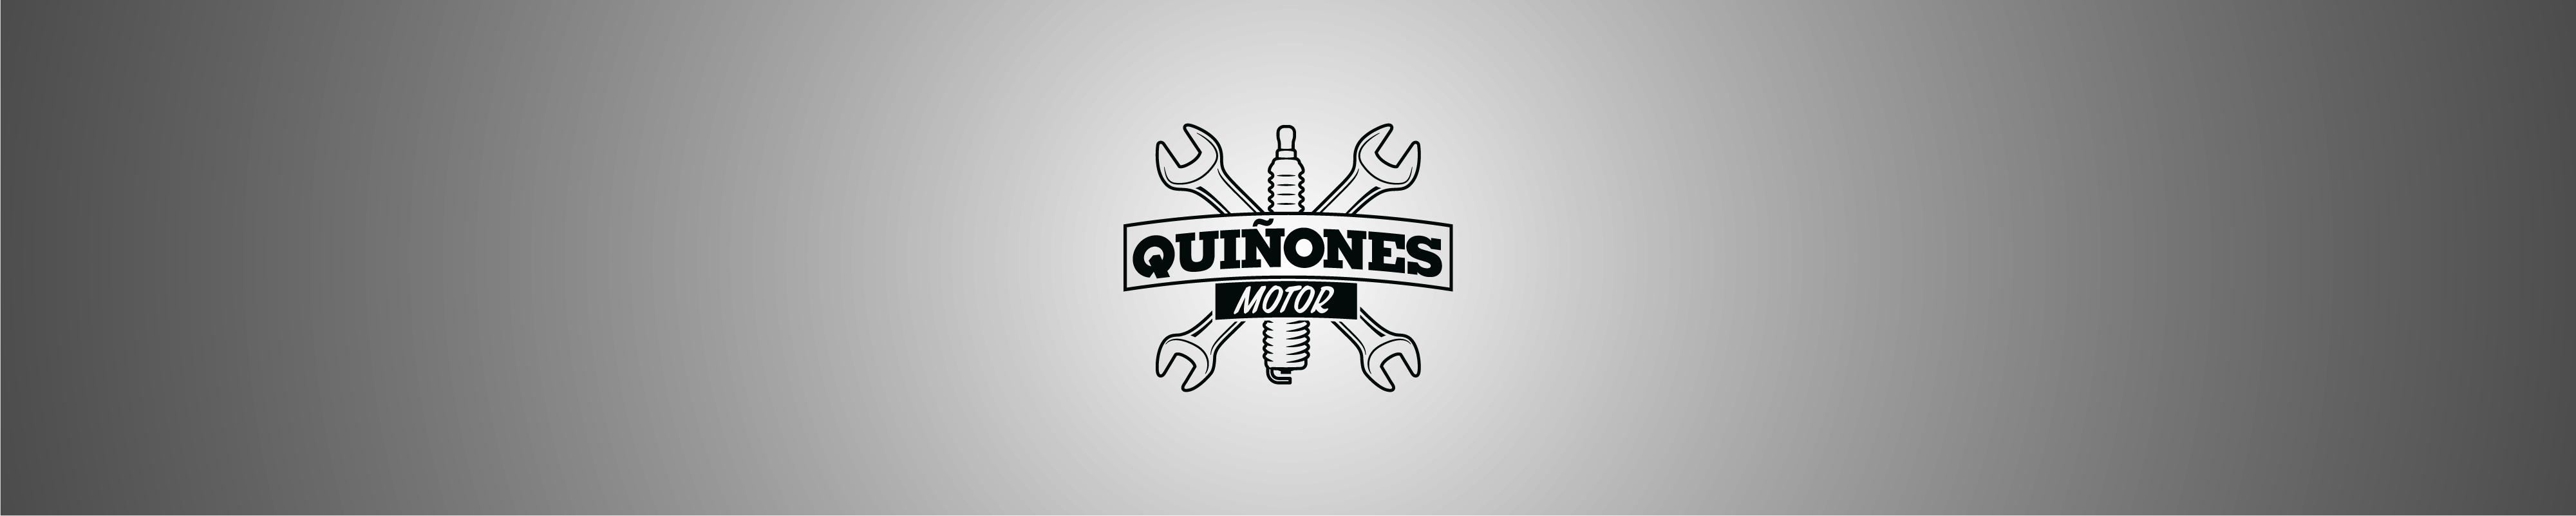 Logotipo Quiñones motor